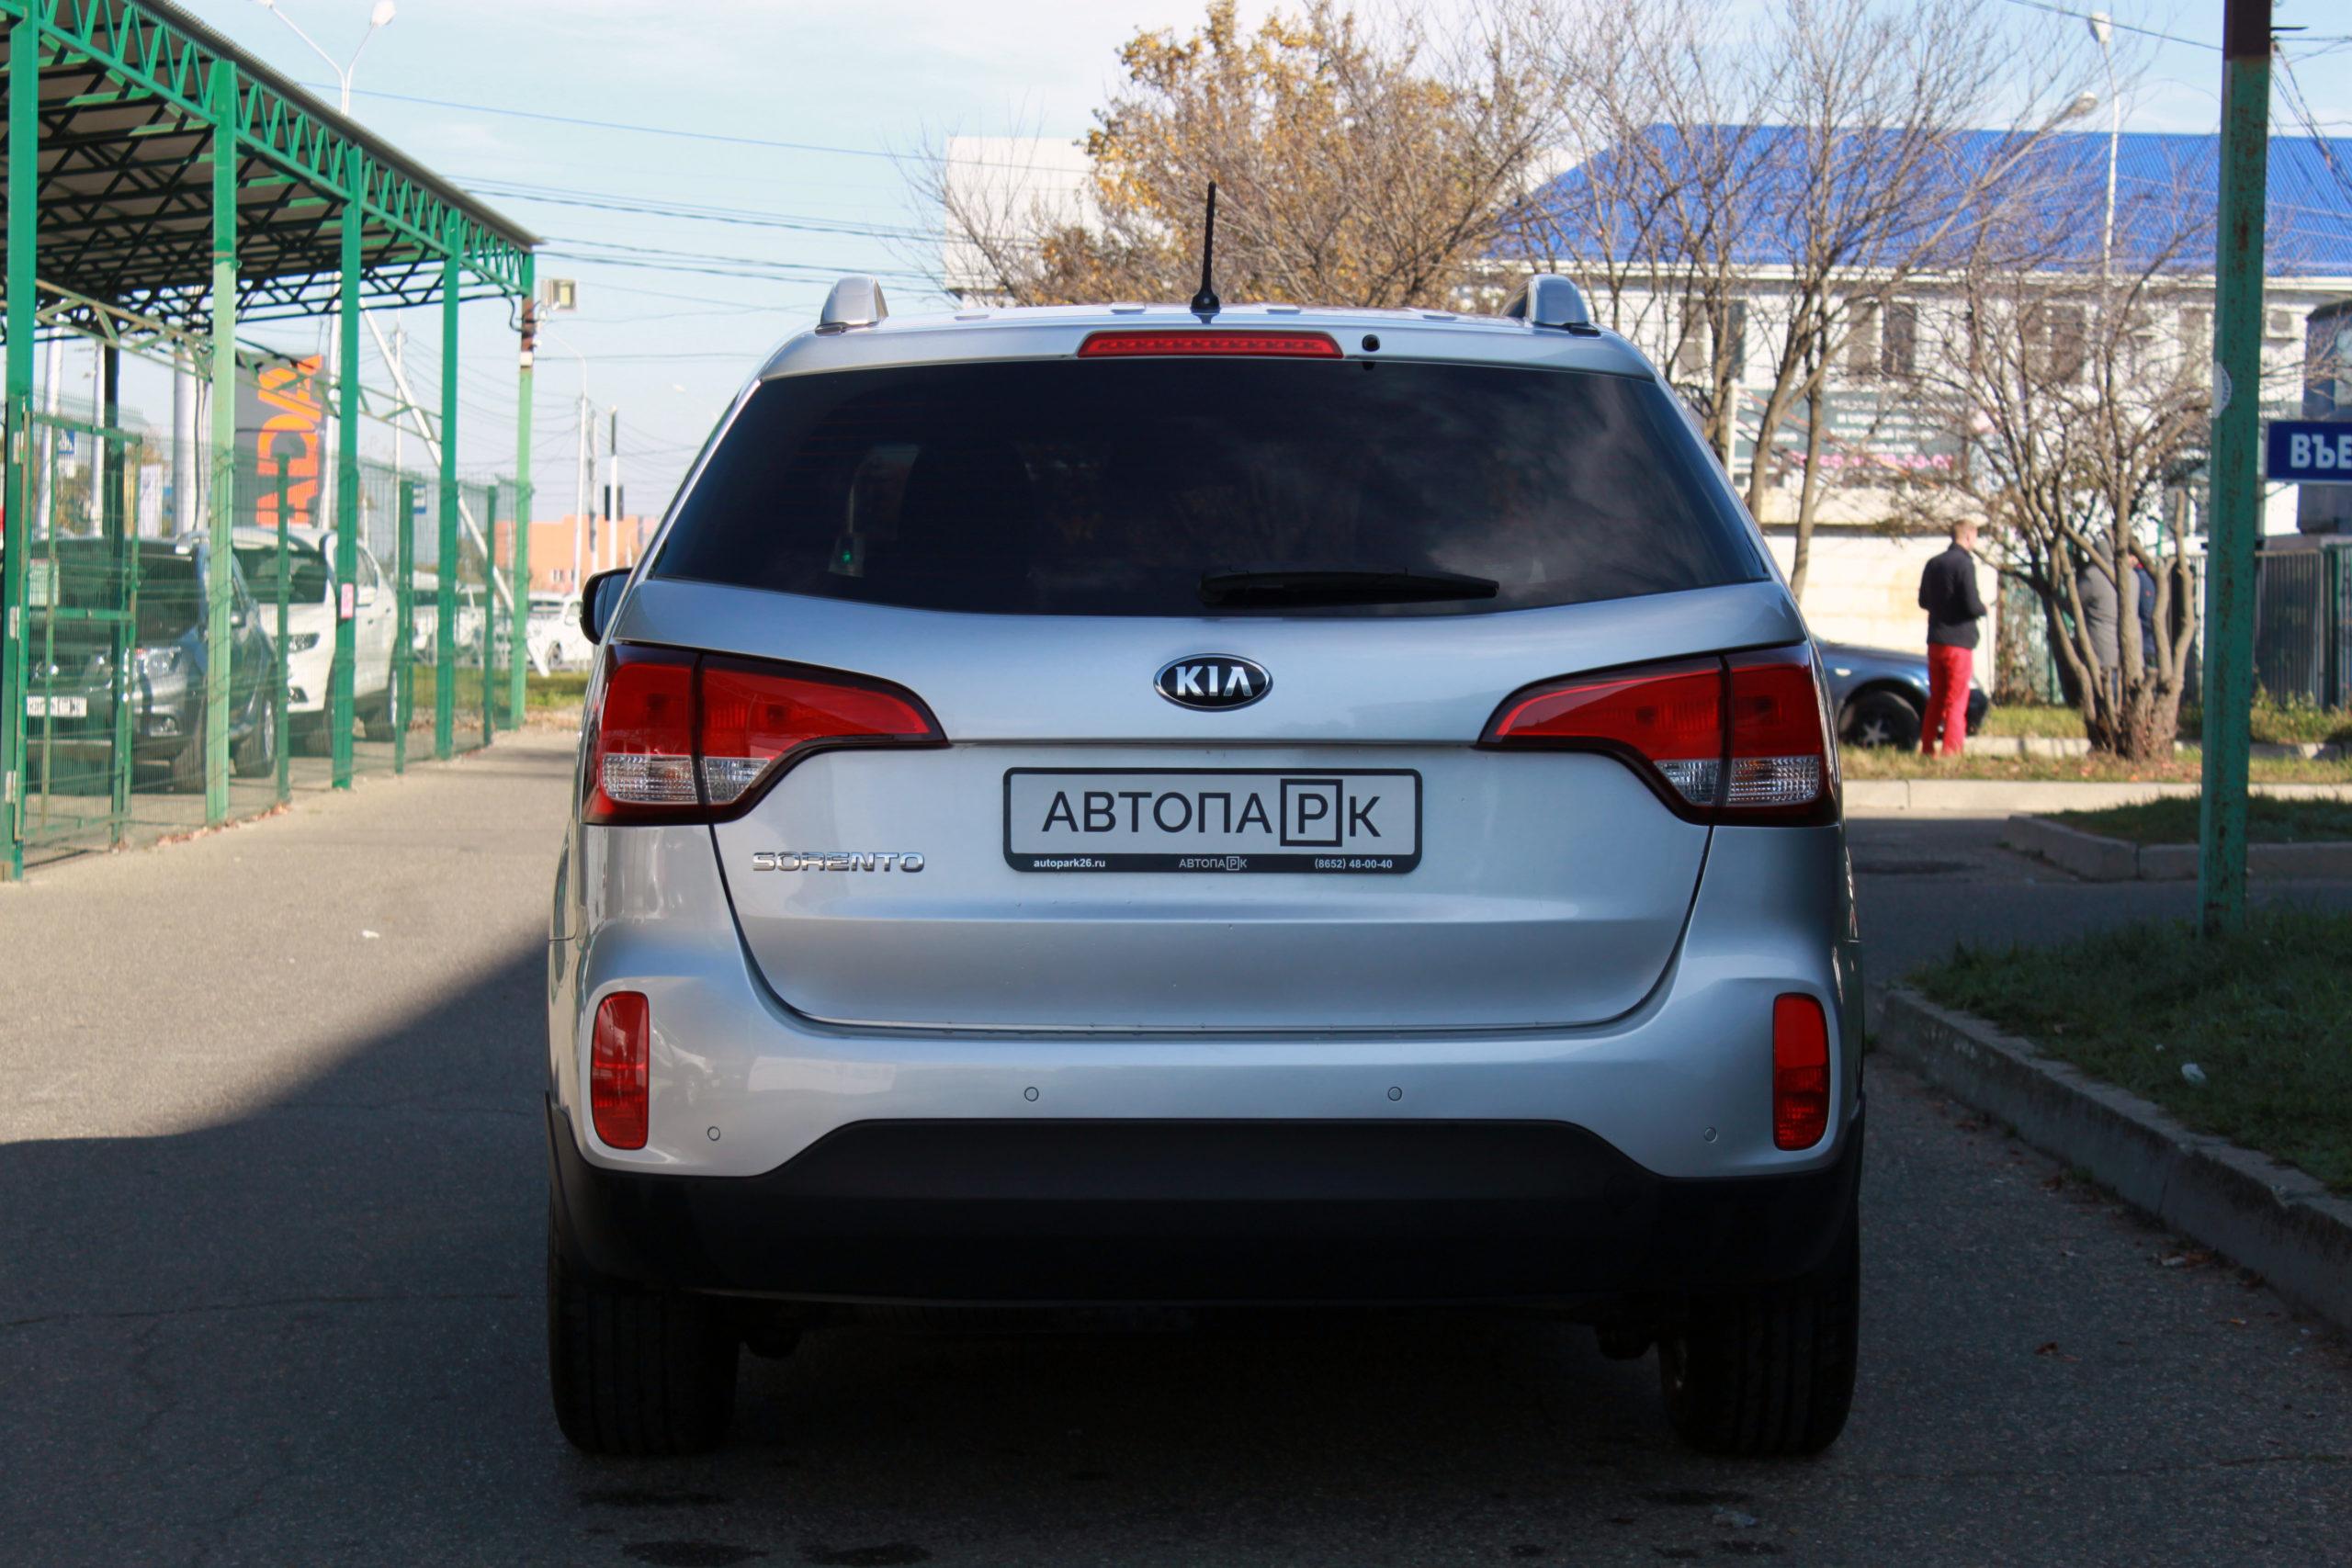 Купить KIA Sorento (серебристый) - Автопарк Ставрополь